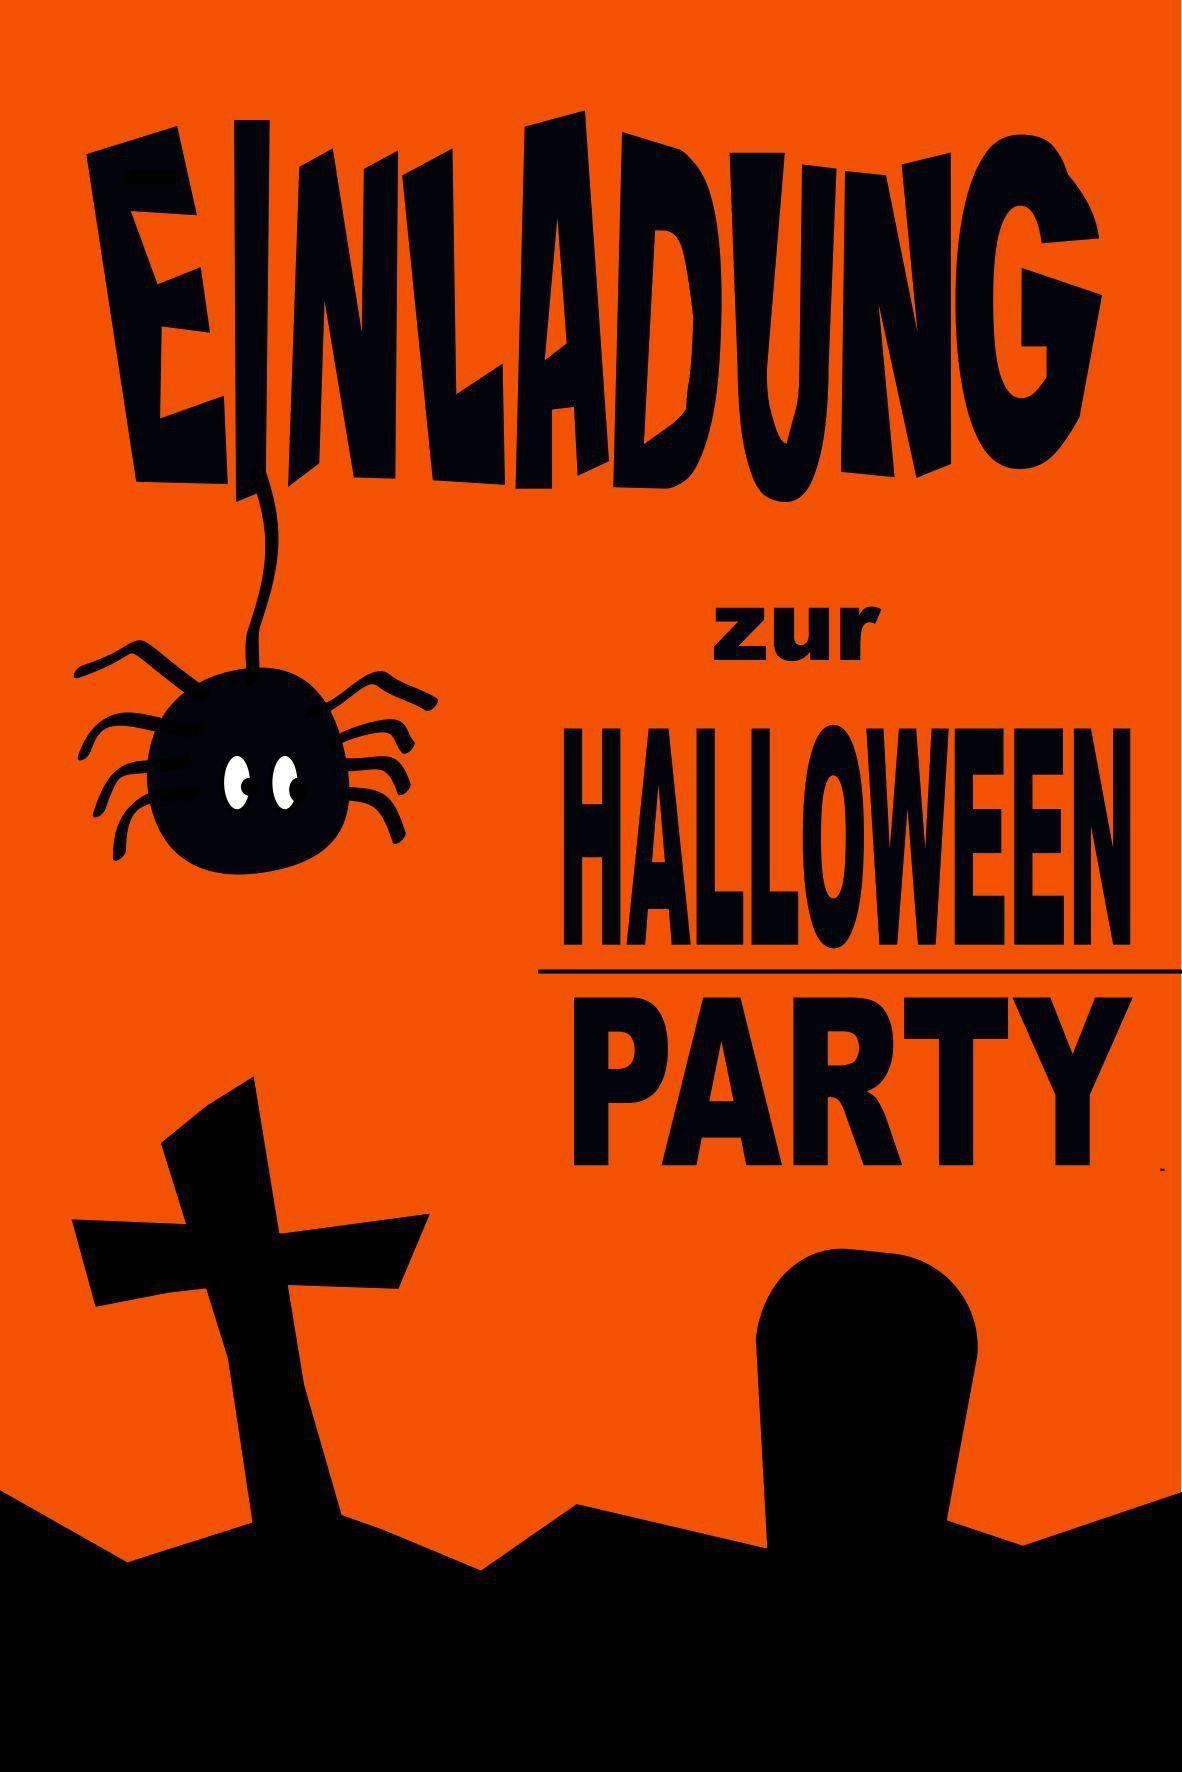 Party Einladungen Vorlagen Kostenlos | Halloween Einladung verwandt mit Halloween Einladung Vorlagen